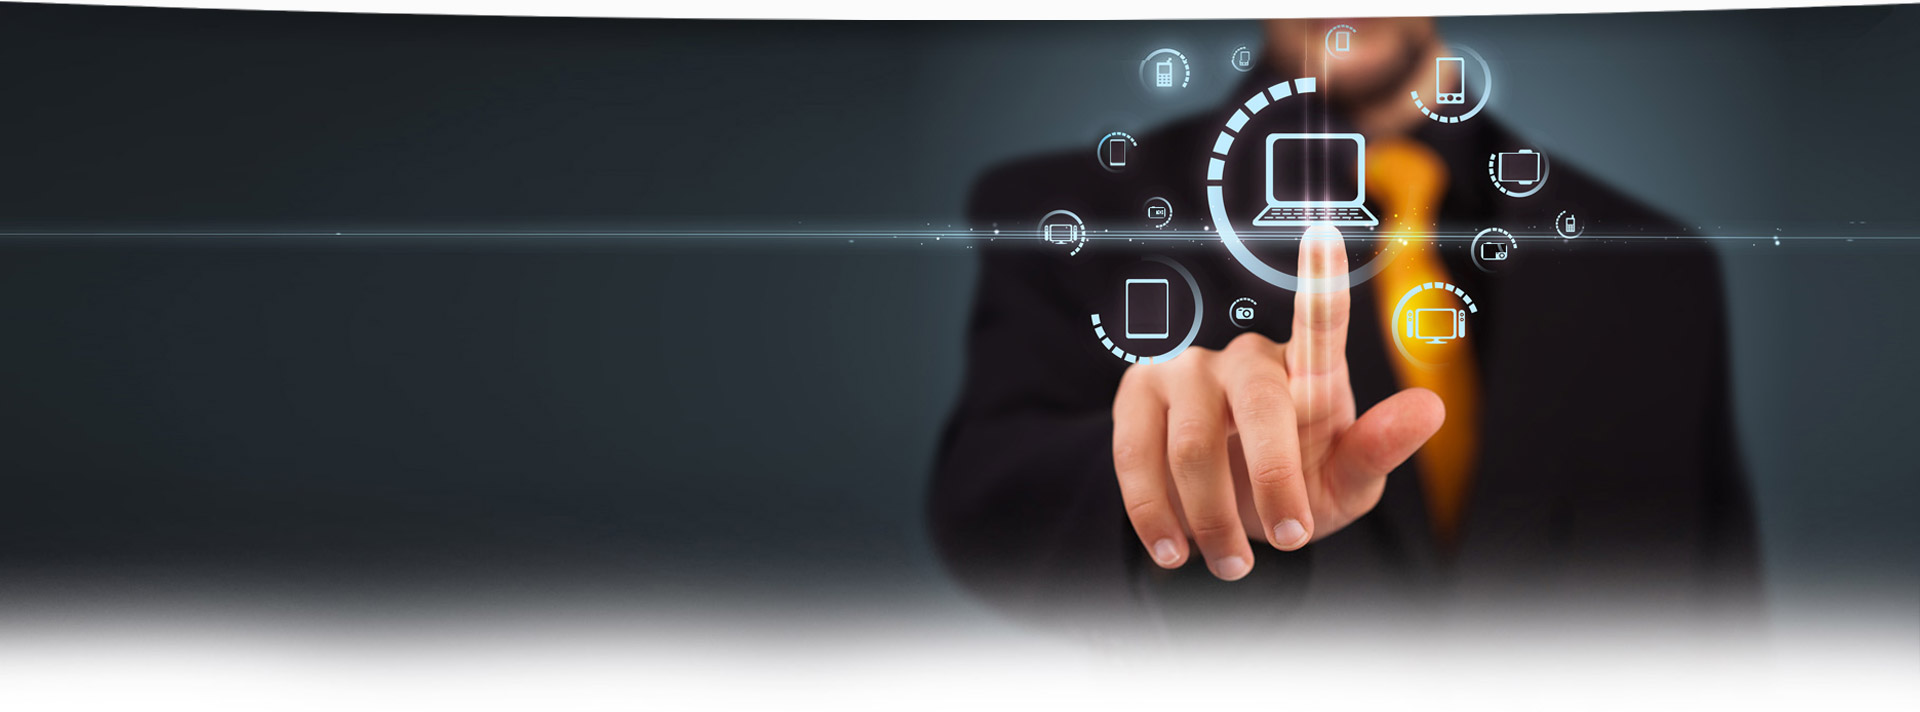 Agence web Genève : des services au top pour mon entreprise